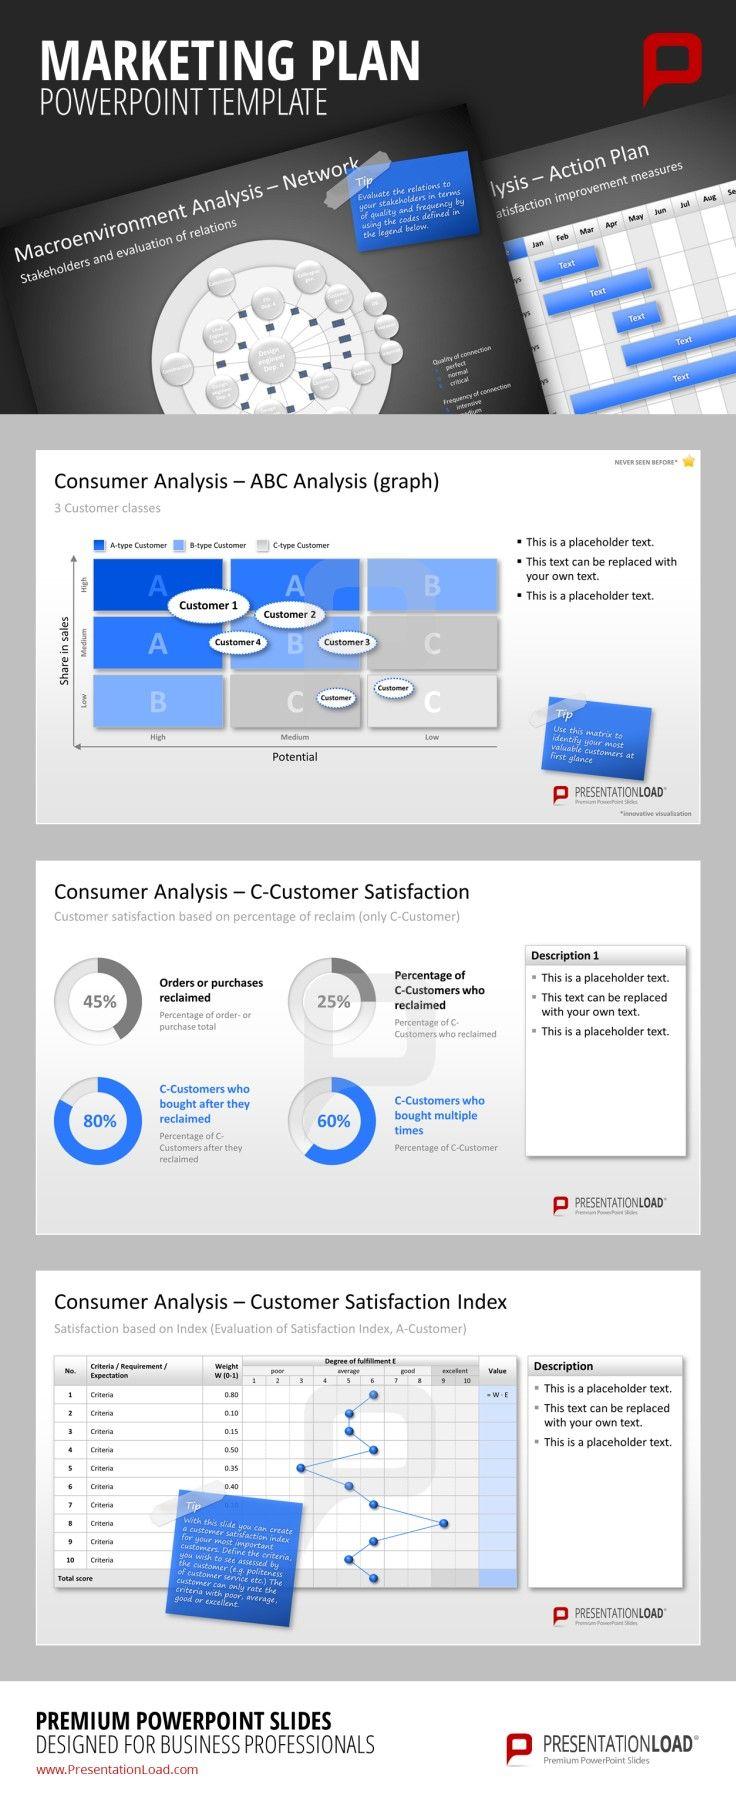 Customer analysis in marketing plan